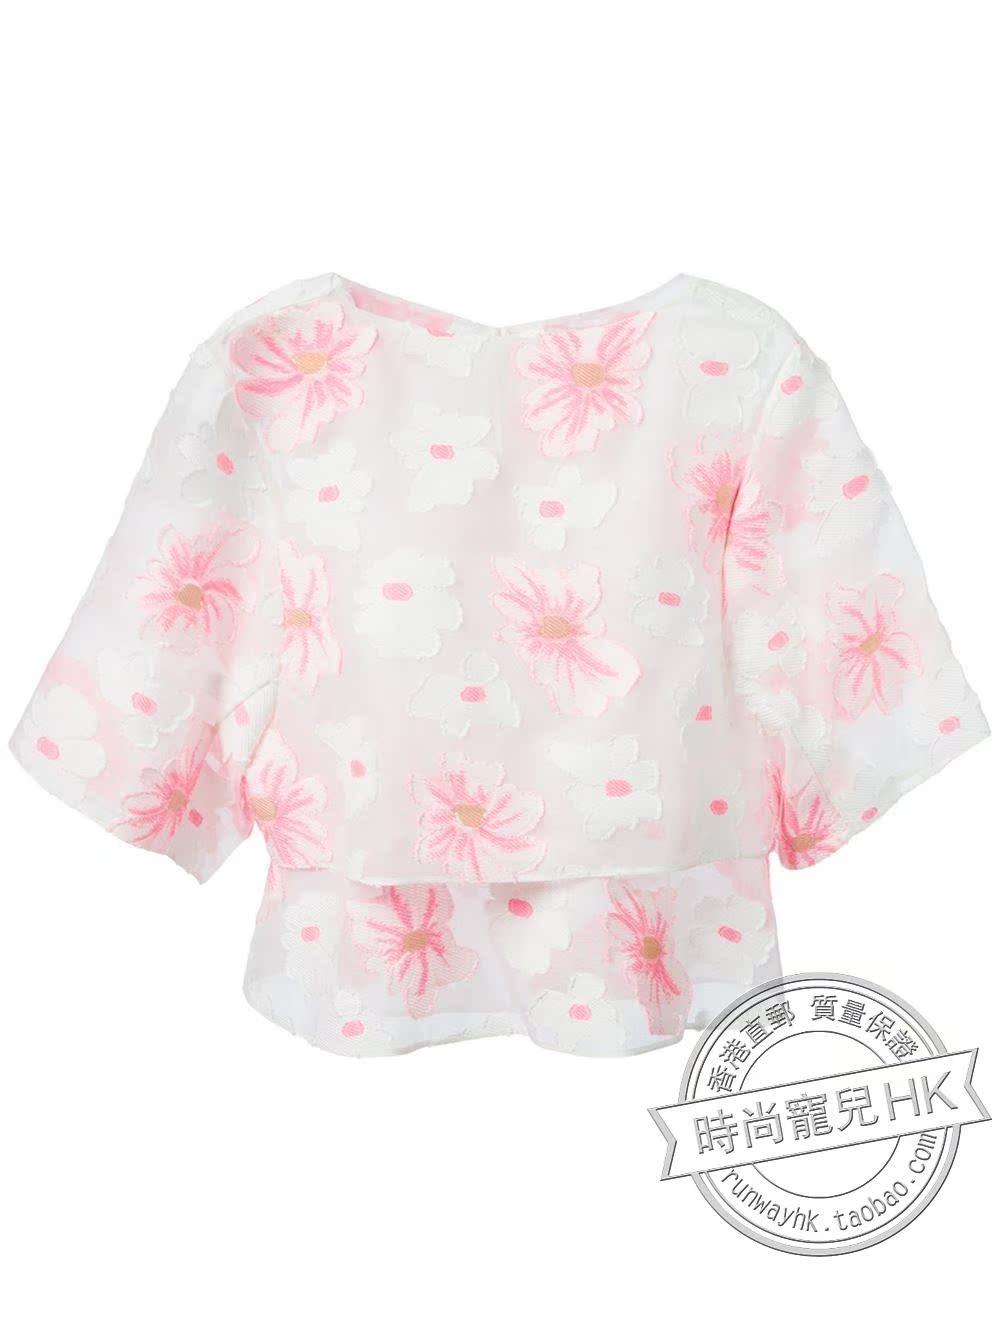 цена Блузка Chloe fa150402 HK 15 15Sh онлайн в 2017 году